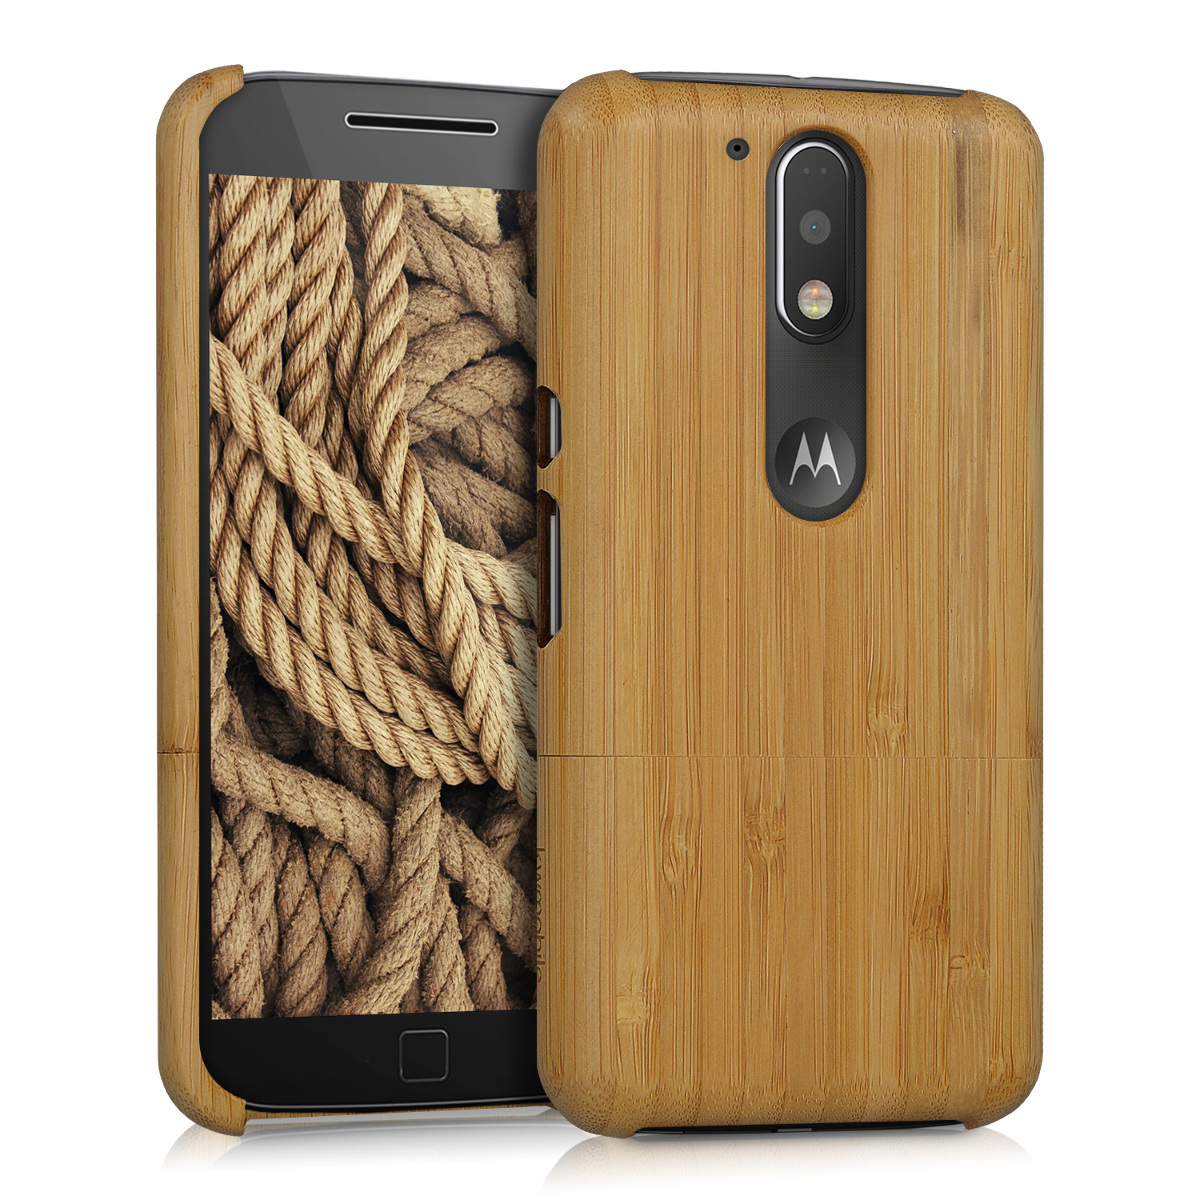 KW Ξύλινη Θήκη Motorola Moto G4 / G4 Plus - Light Brown Bamboo (39570.24)